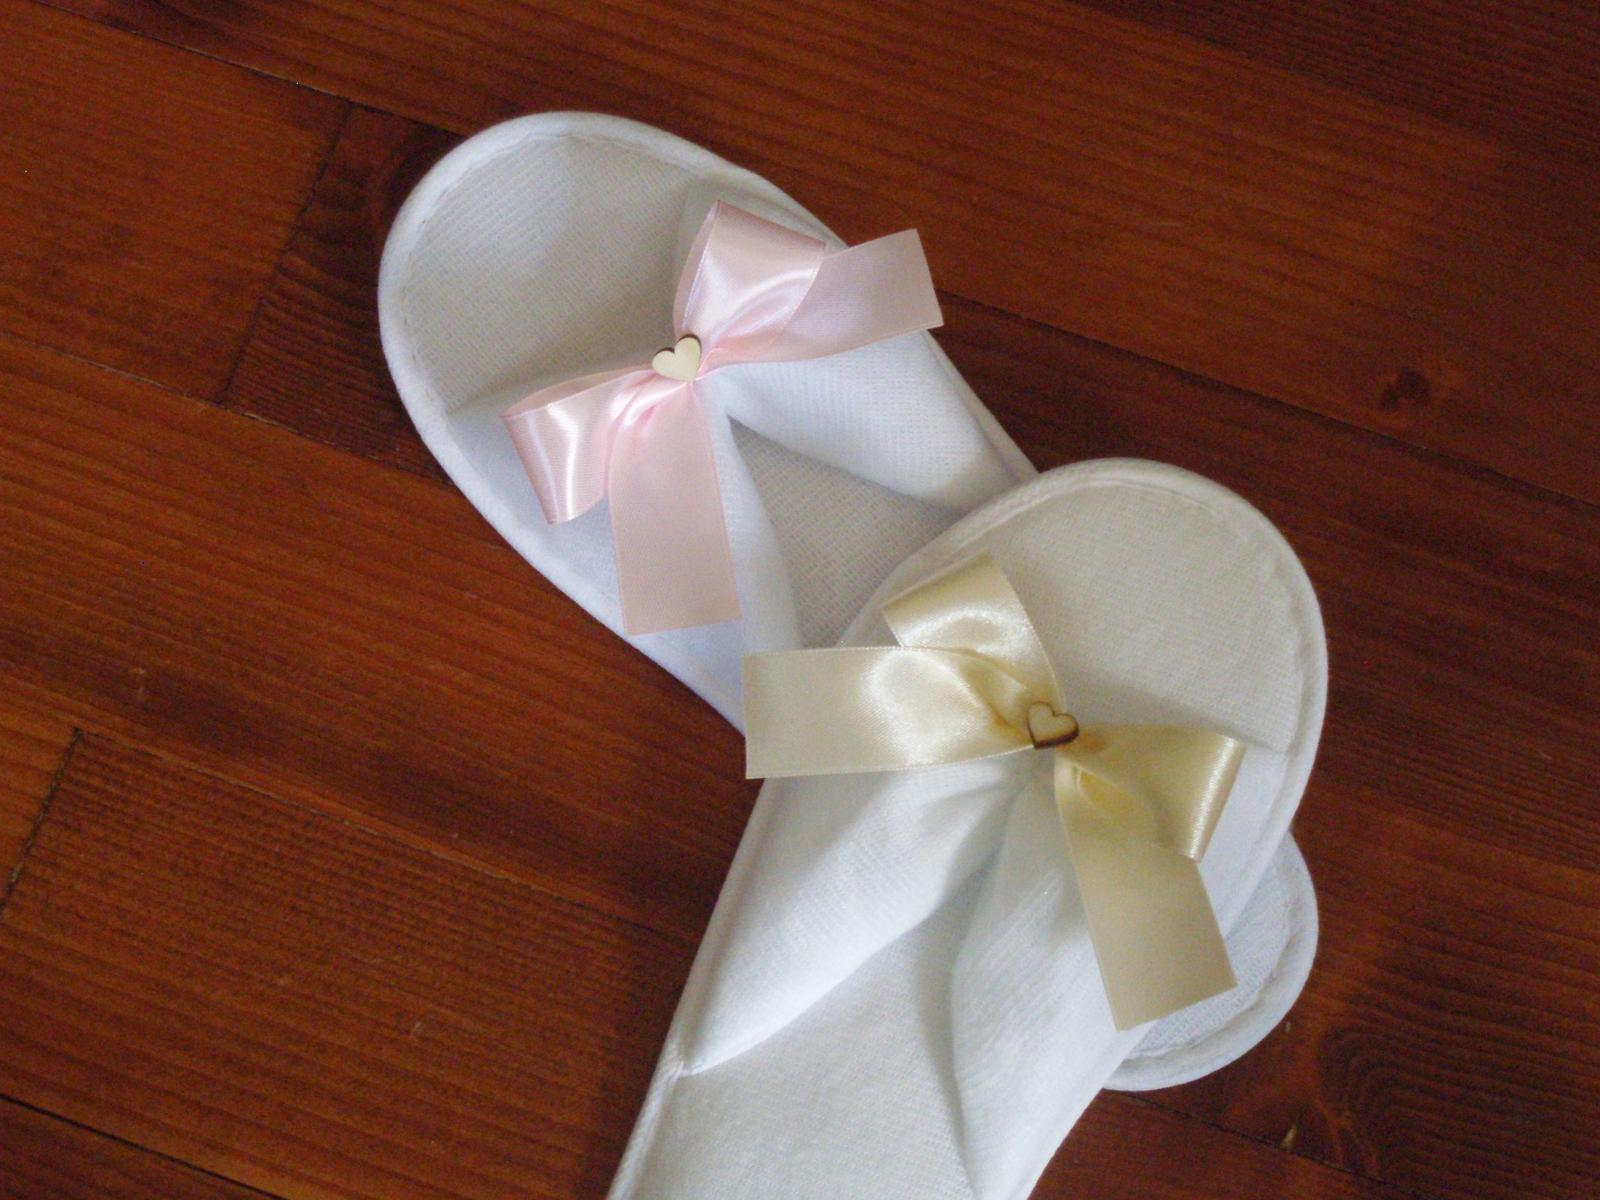 437. Svadobné papuče s mašličkou a dreveným srdcom - Obrázok č. 1